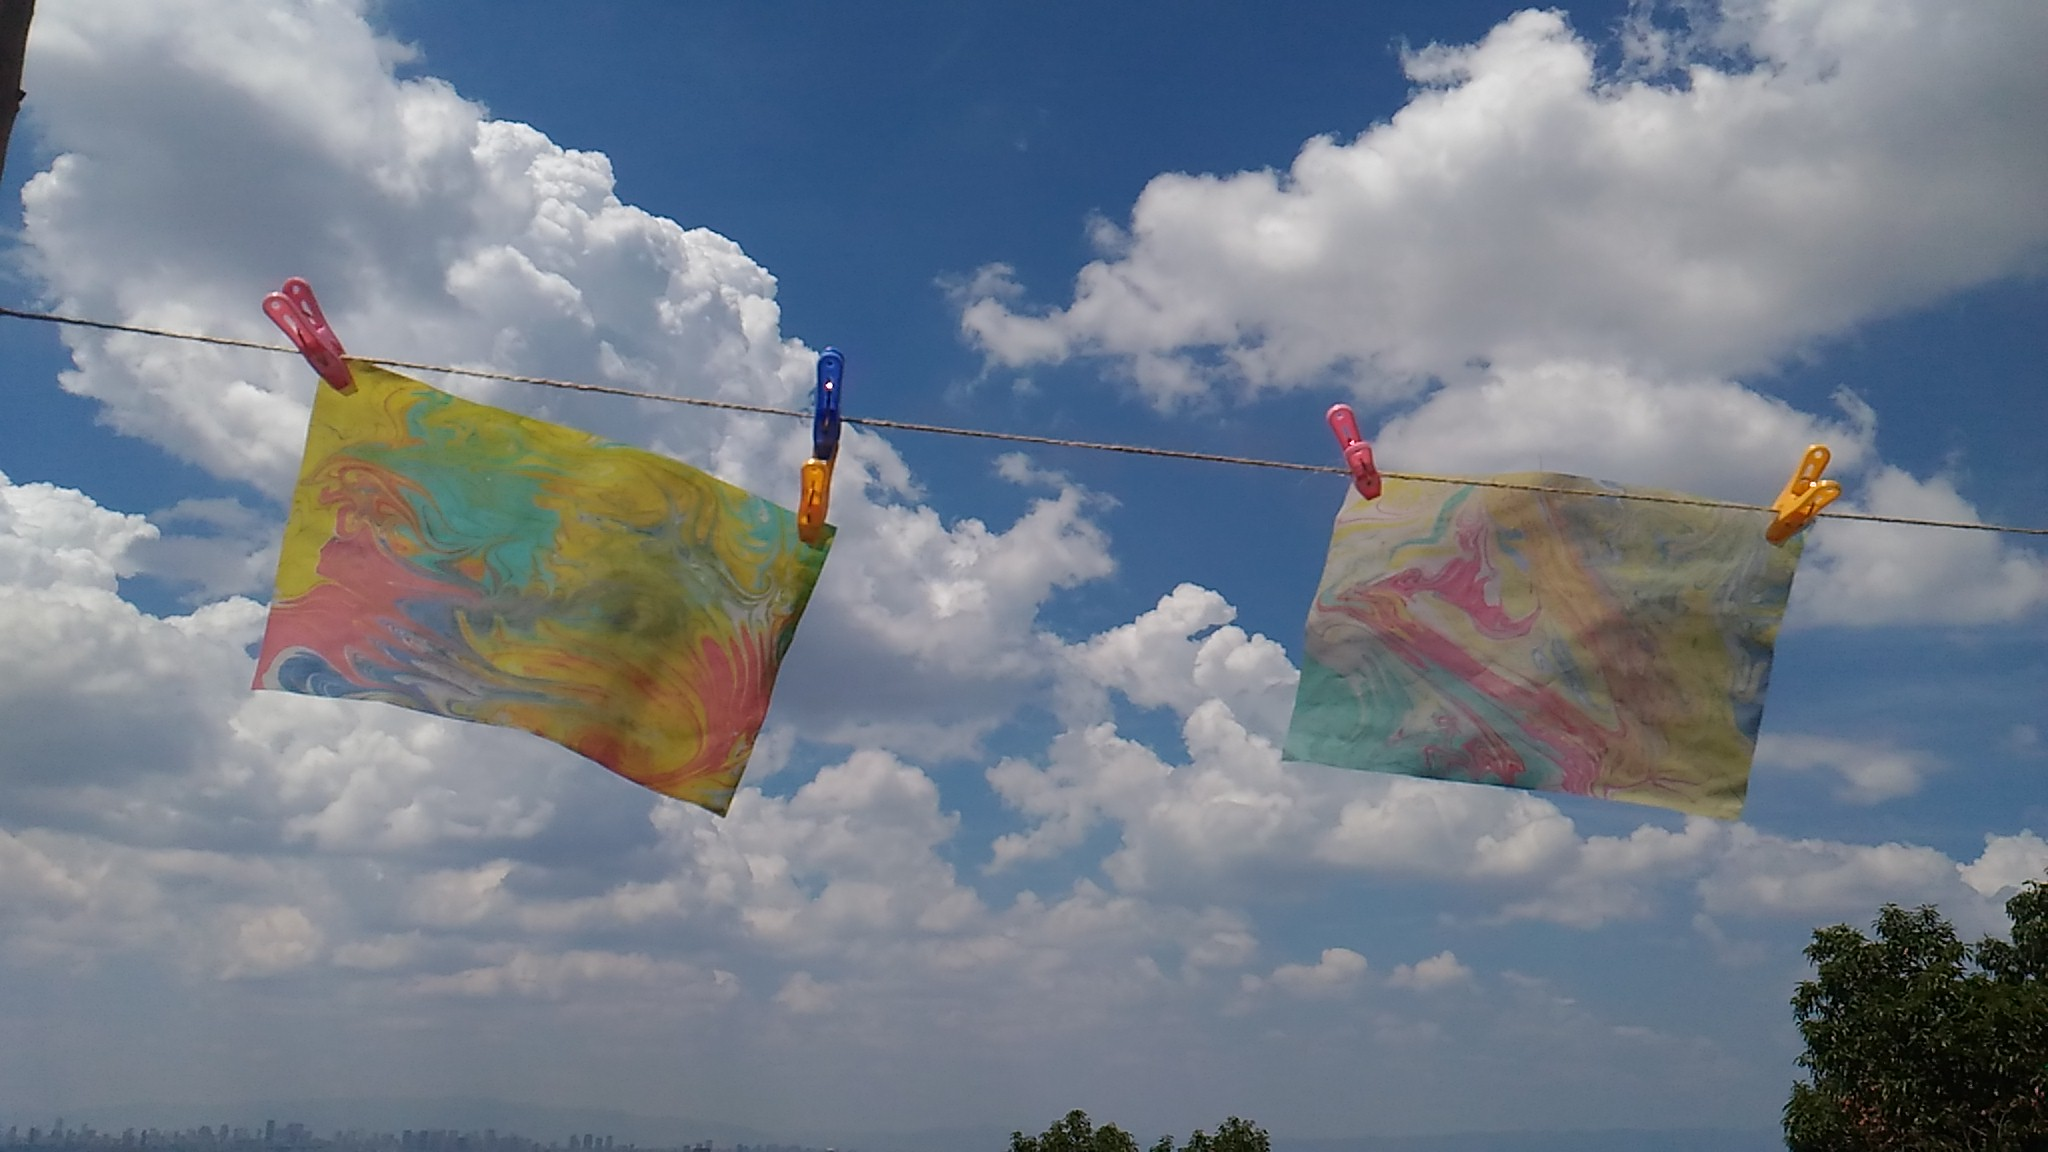 テント部分は「マーブリング」でさわやかな色に♪初めての経験と楽しんで作っていました。